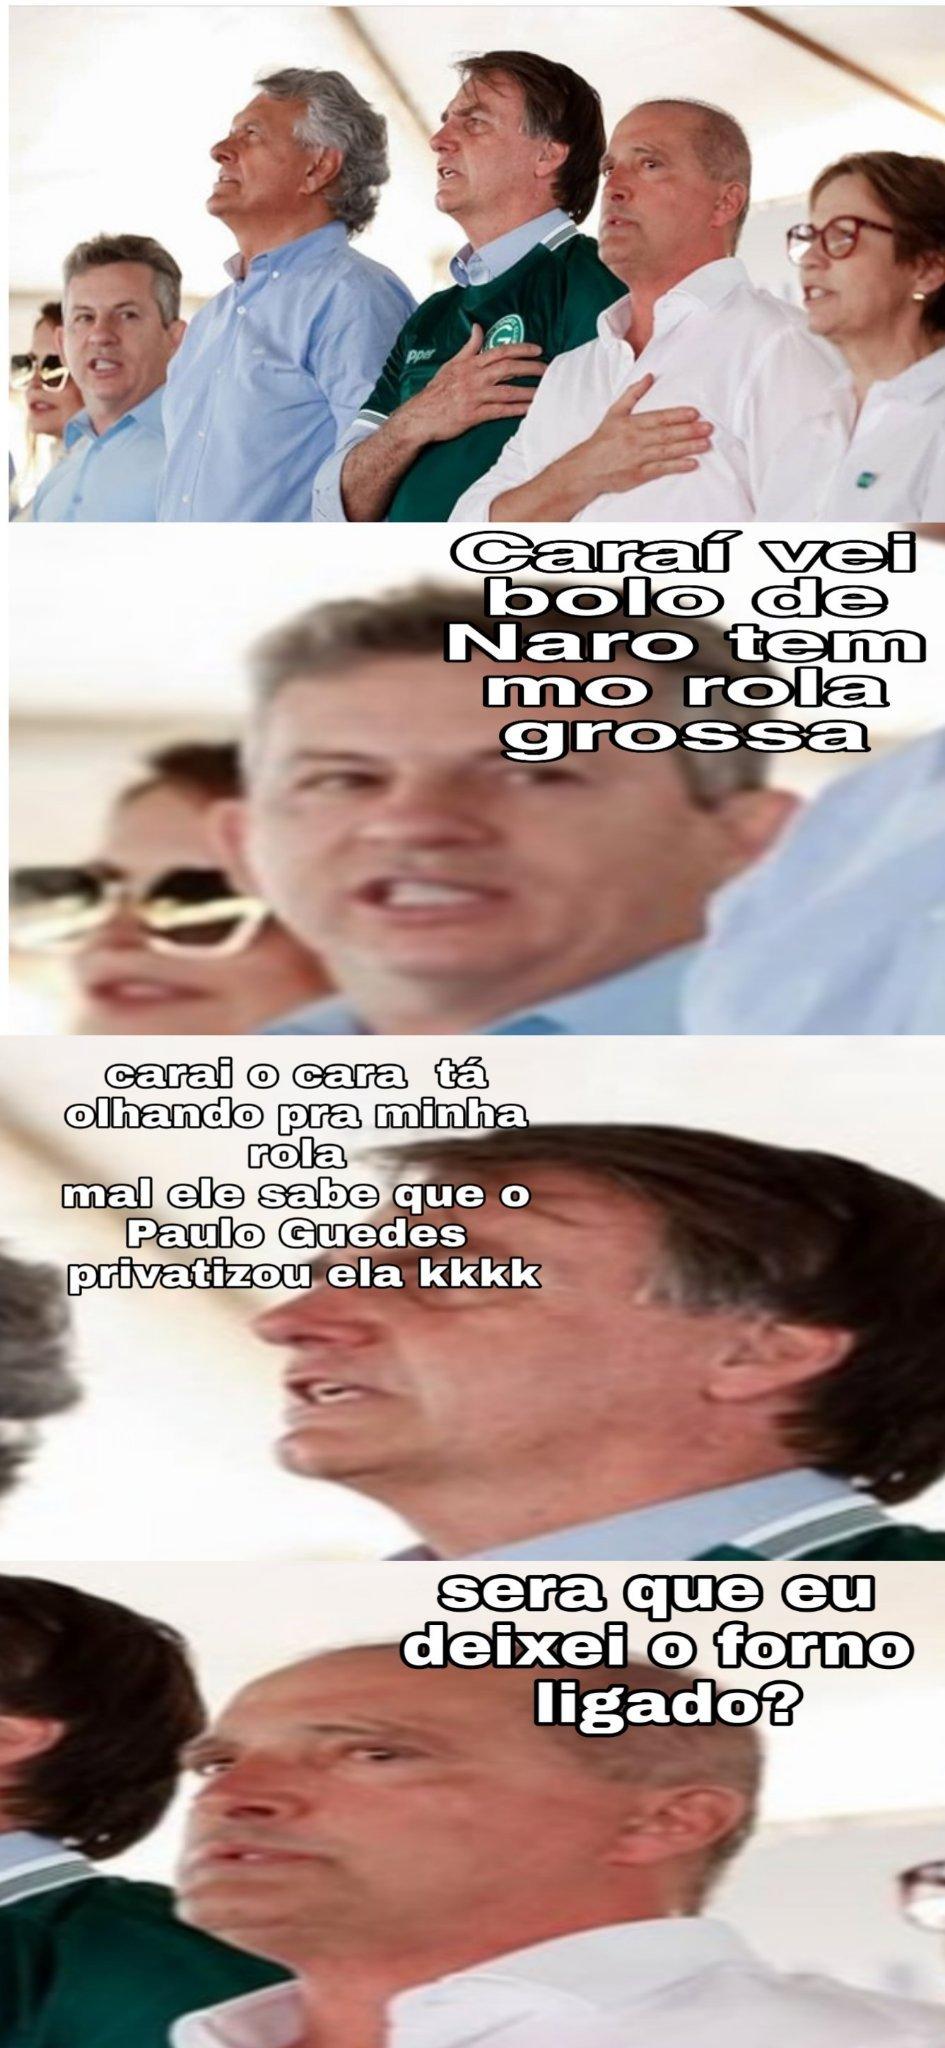 Bolsopenis - meme